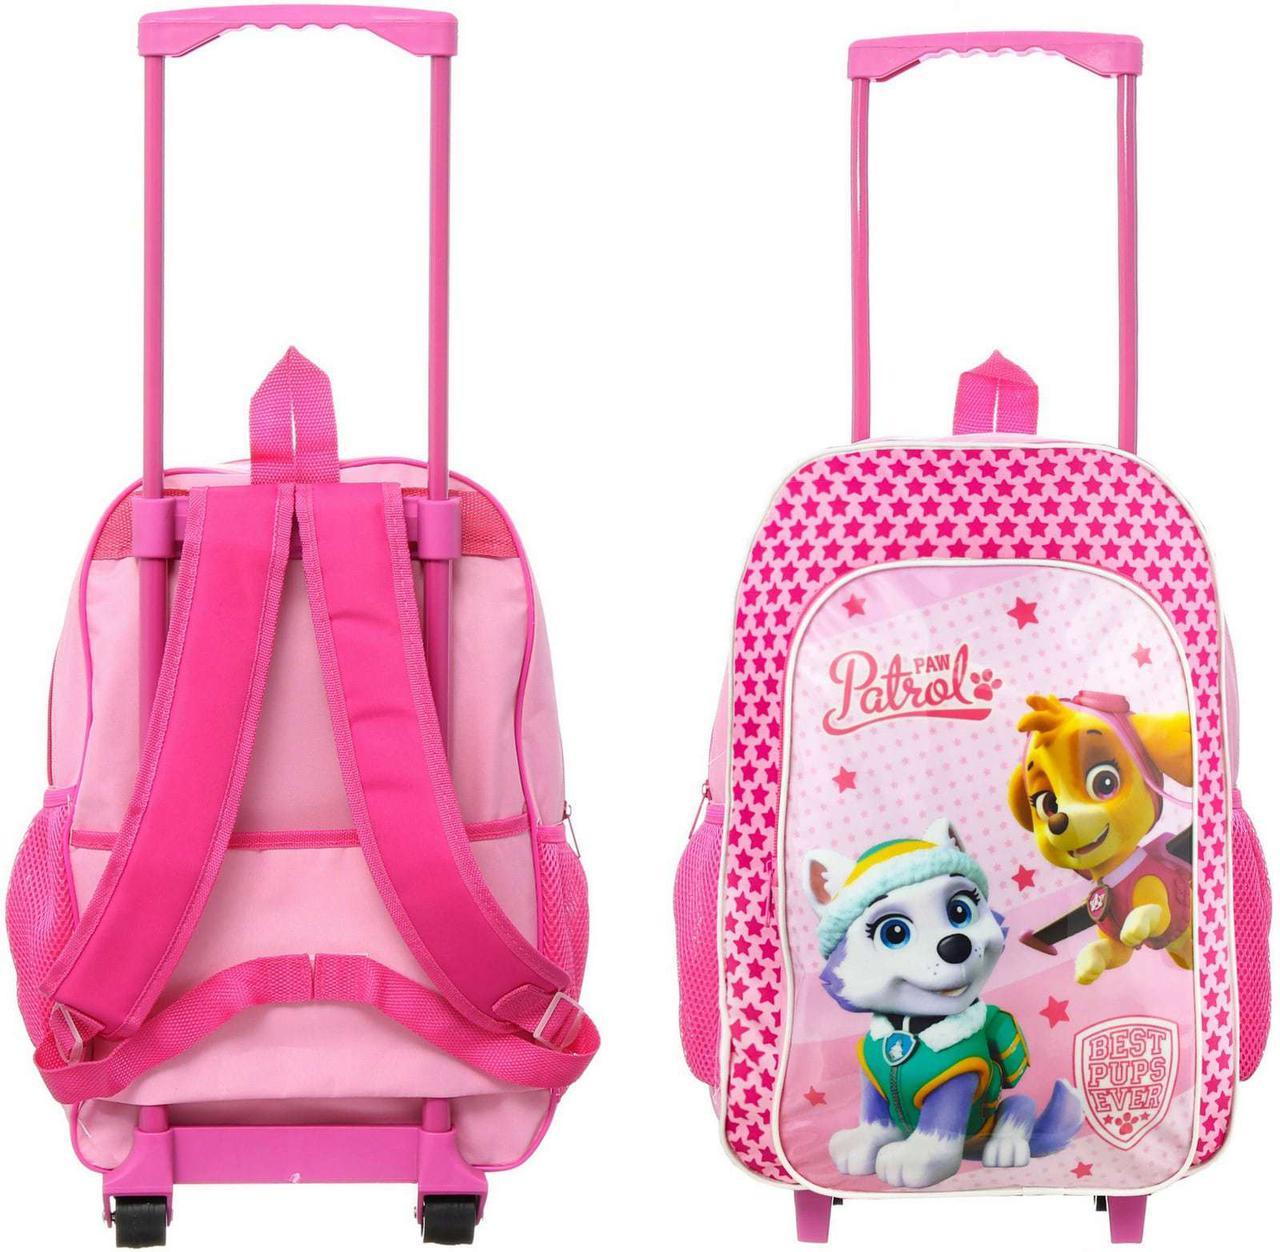 07821558687 Kohver-seljakott PSI PATROL 2, 35€